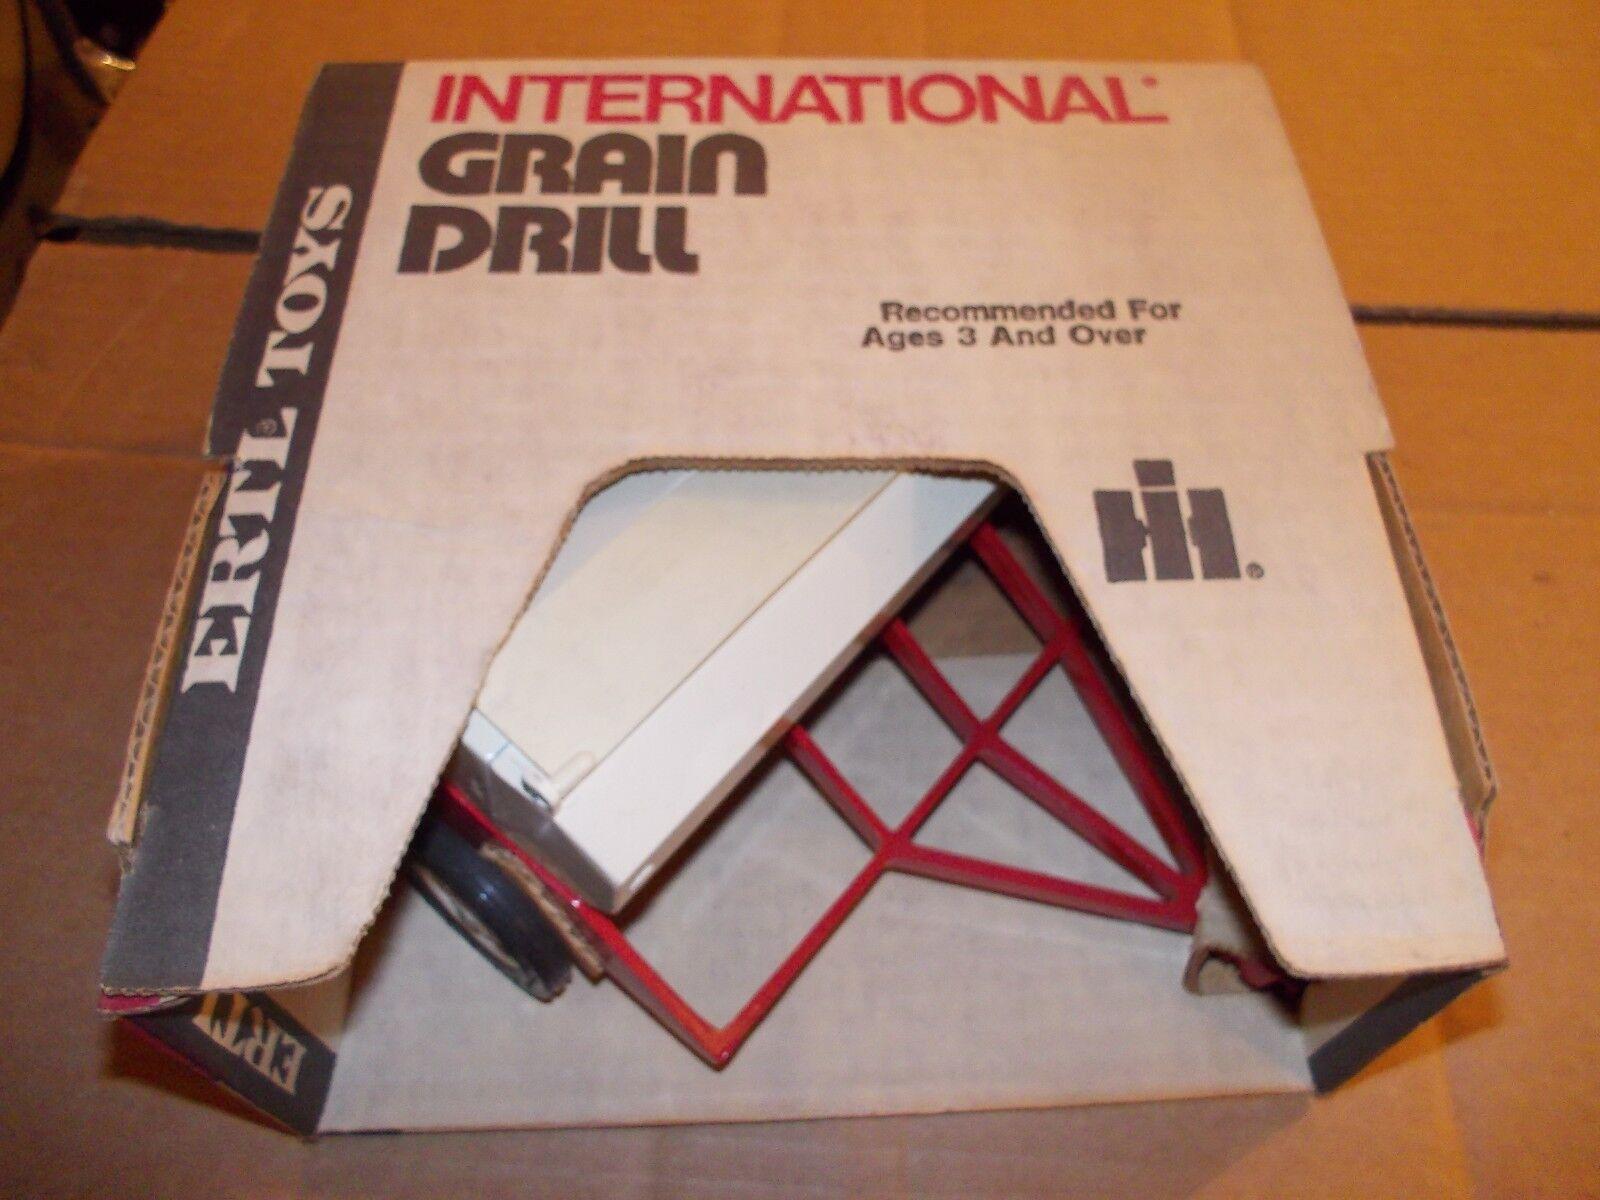 International IH drill 1 16 scale Vintage Ertl Co. NIB NW in Box 448